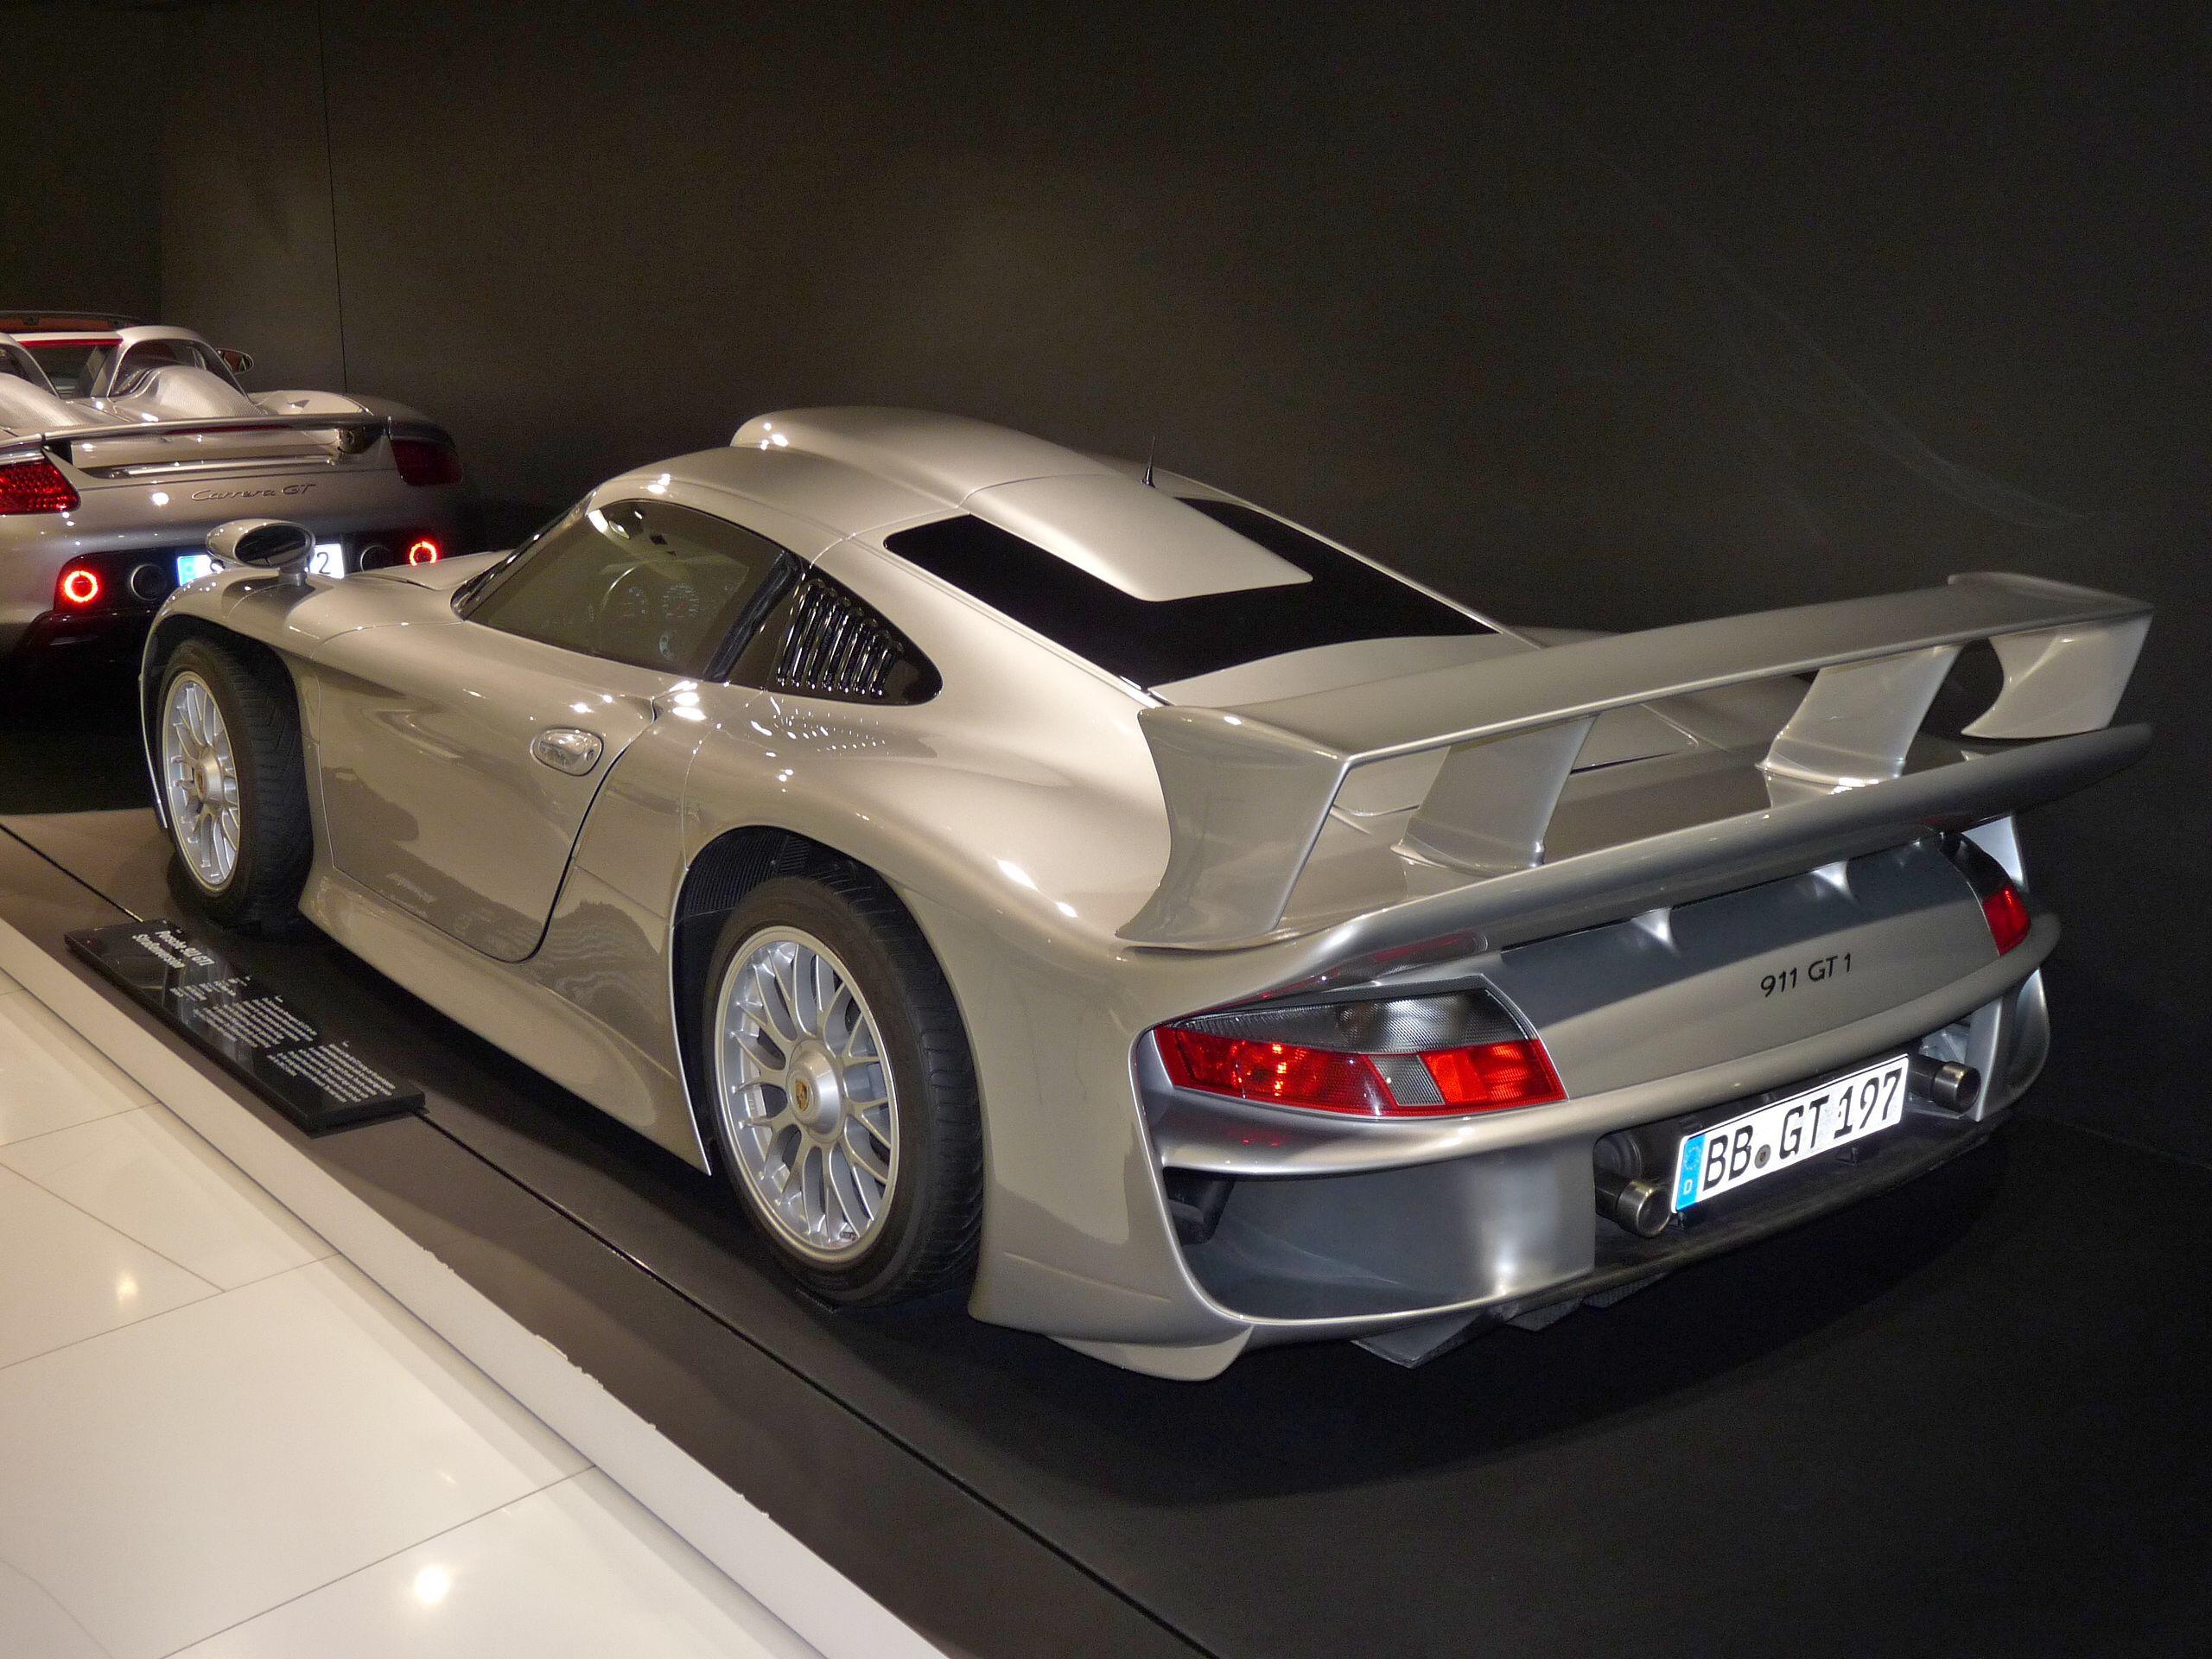 17b91fc931 Cozy Prix D'une Porsche 911 Gt1 Cars Trend